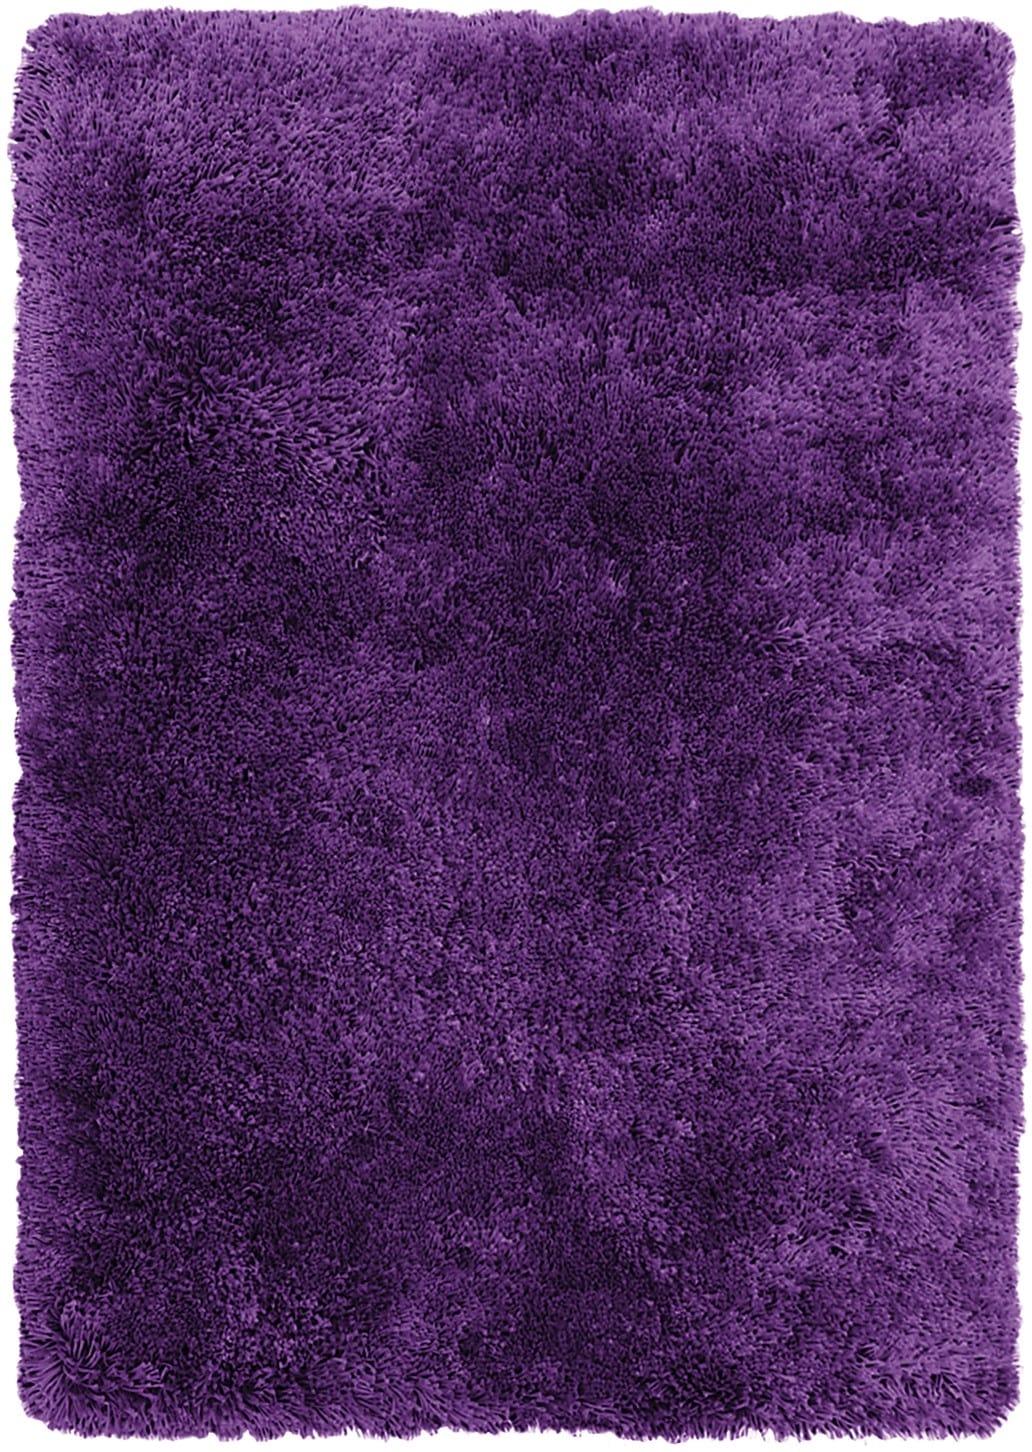 Tapis - Carpette à poil long tendance violette - 4 pi x 5 pi